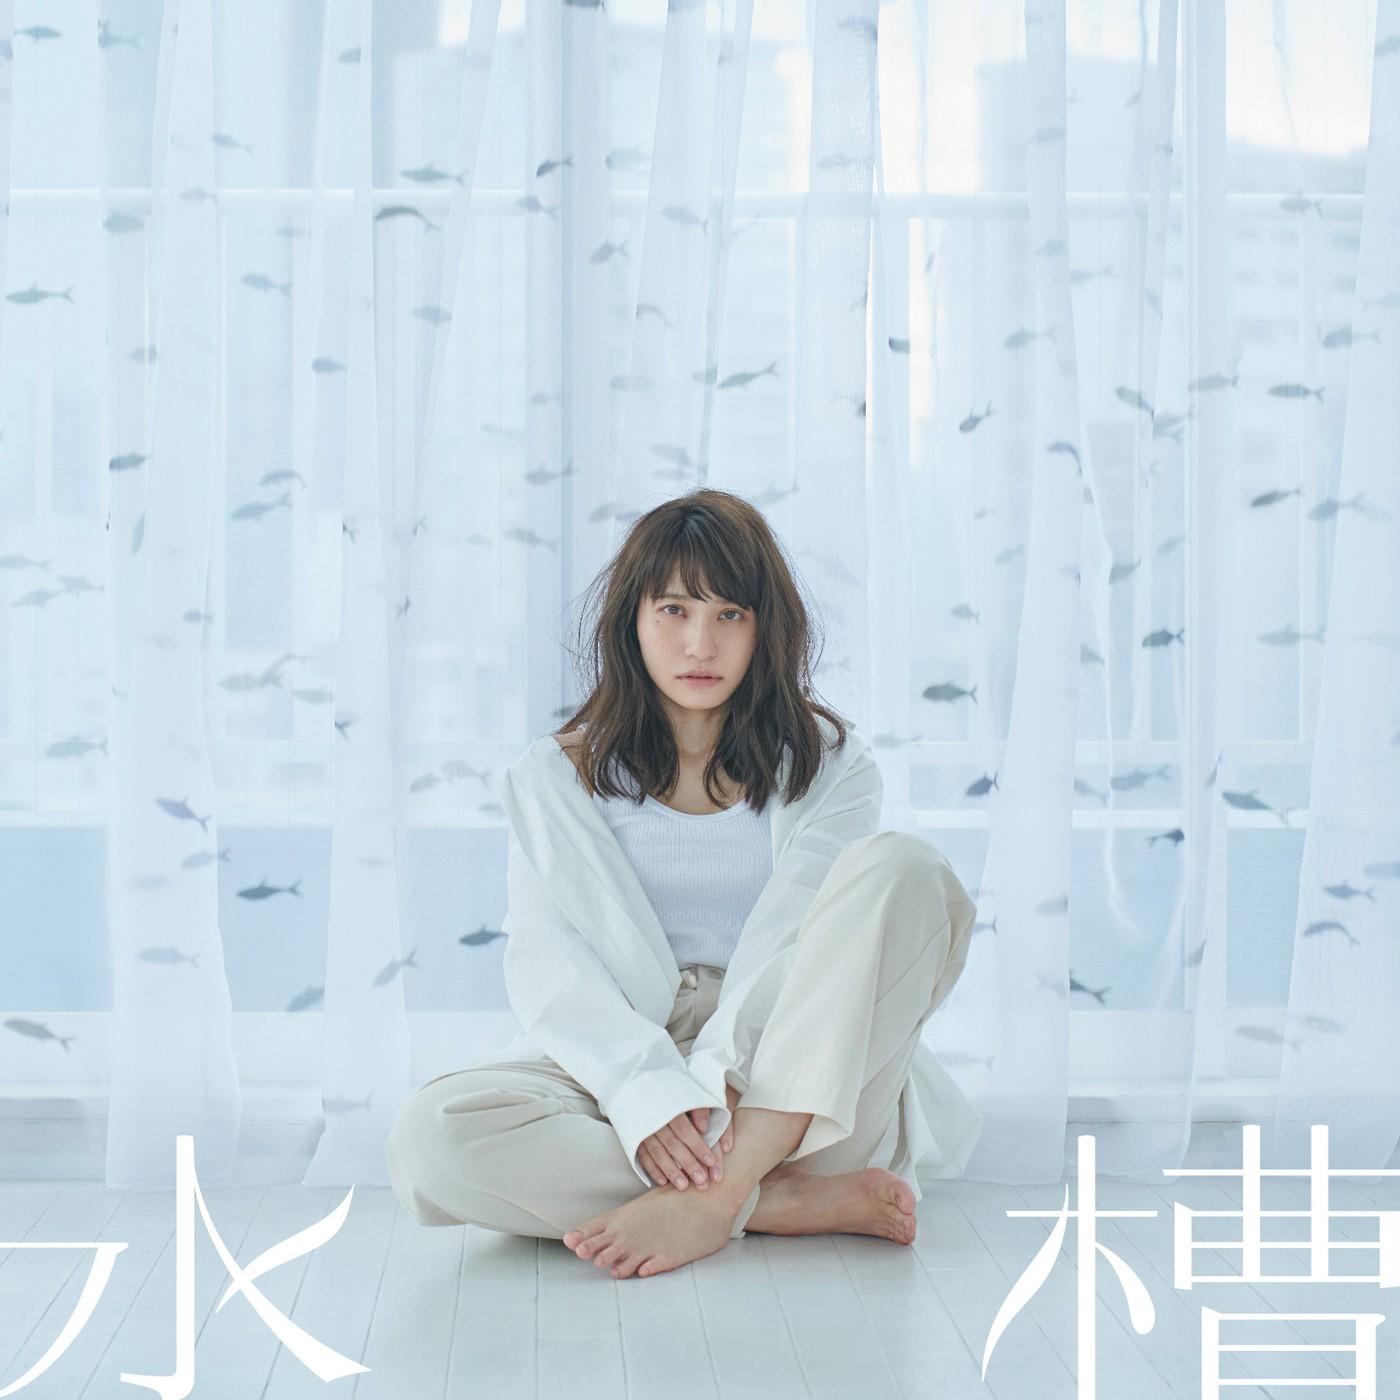 中島愛 (Megumi Nakajima) – 水槽/髪飾りの天使 [星合盤] [Mora FLAC 24bit/96kHz]